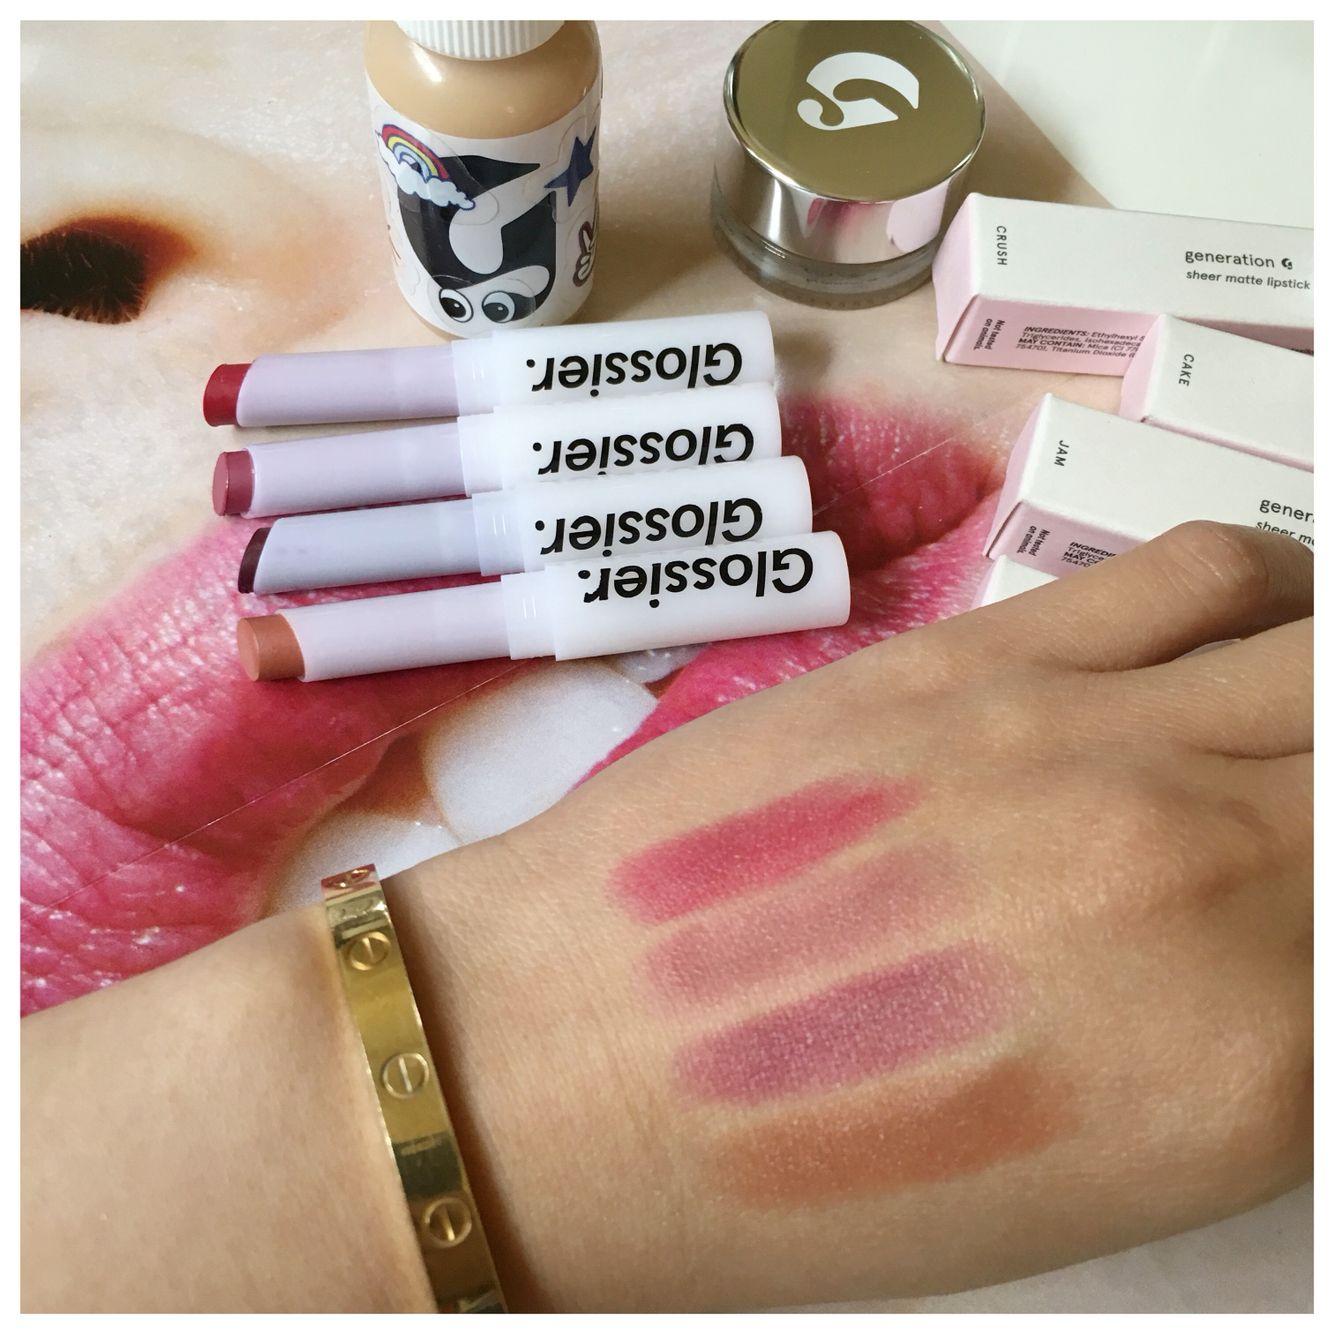 Glossier Generation G Sheer Matte Lipsticks. Crush, Like